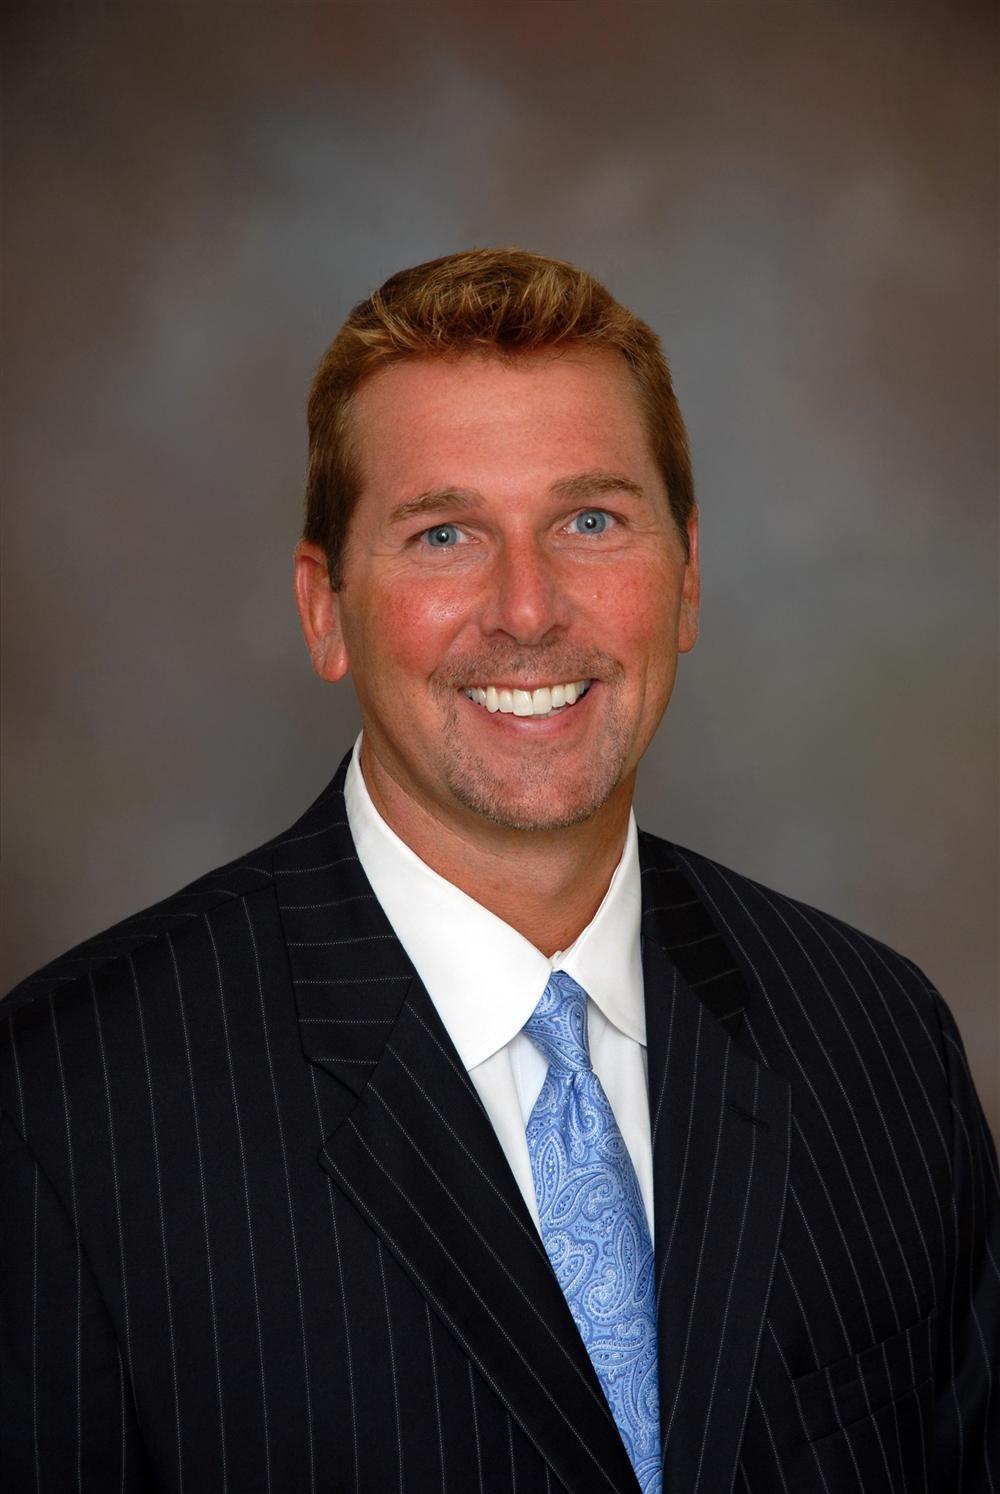 Scott Bennett, director of the Arkansas State Highway and Transportation Dept.